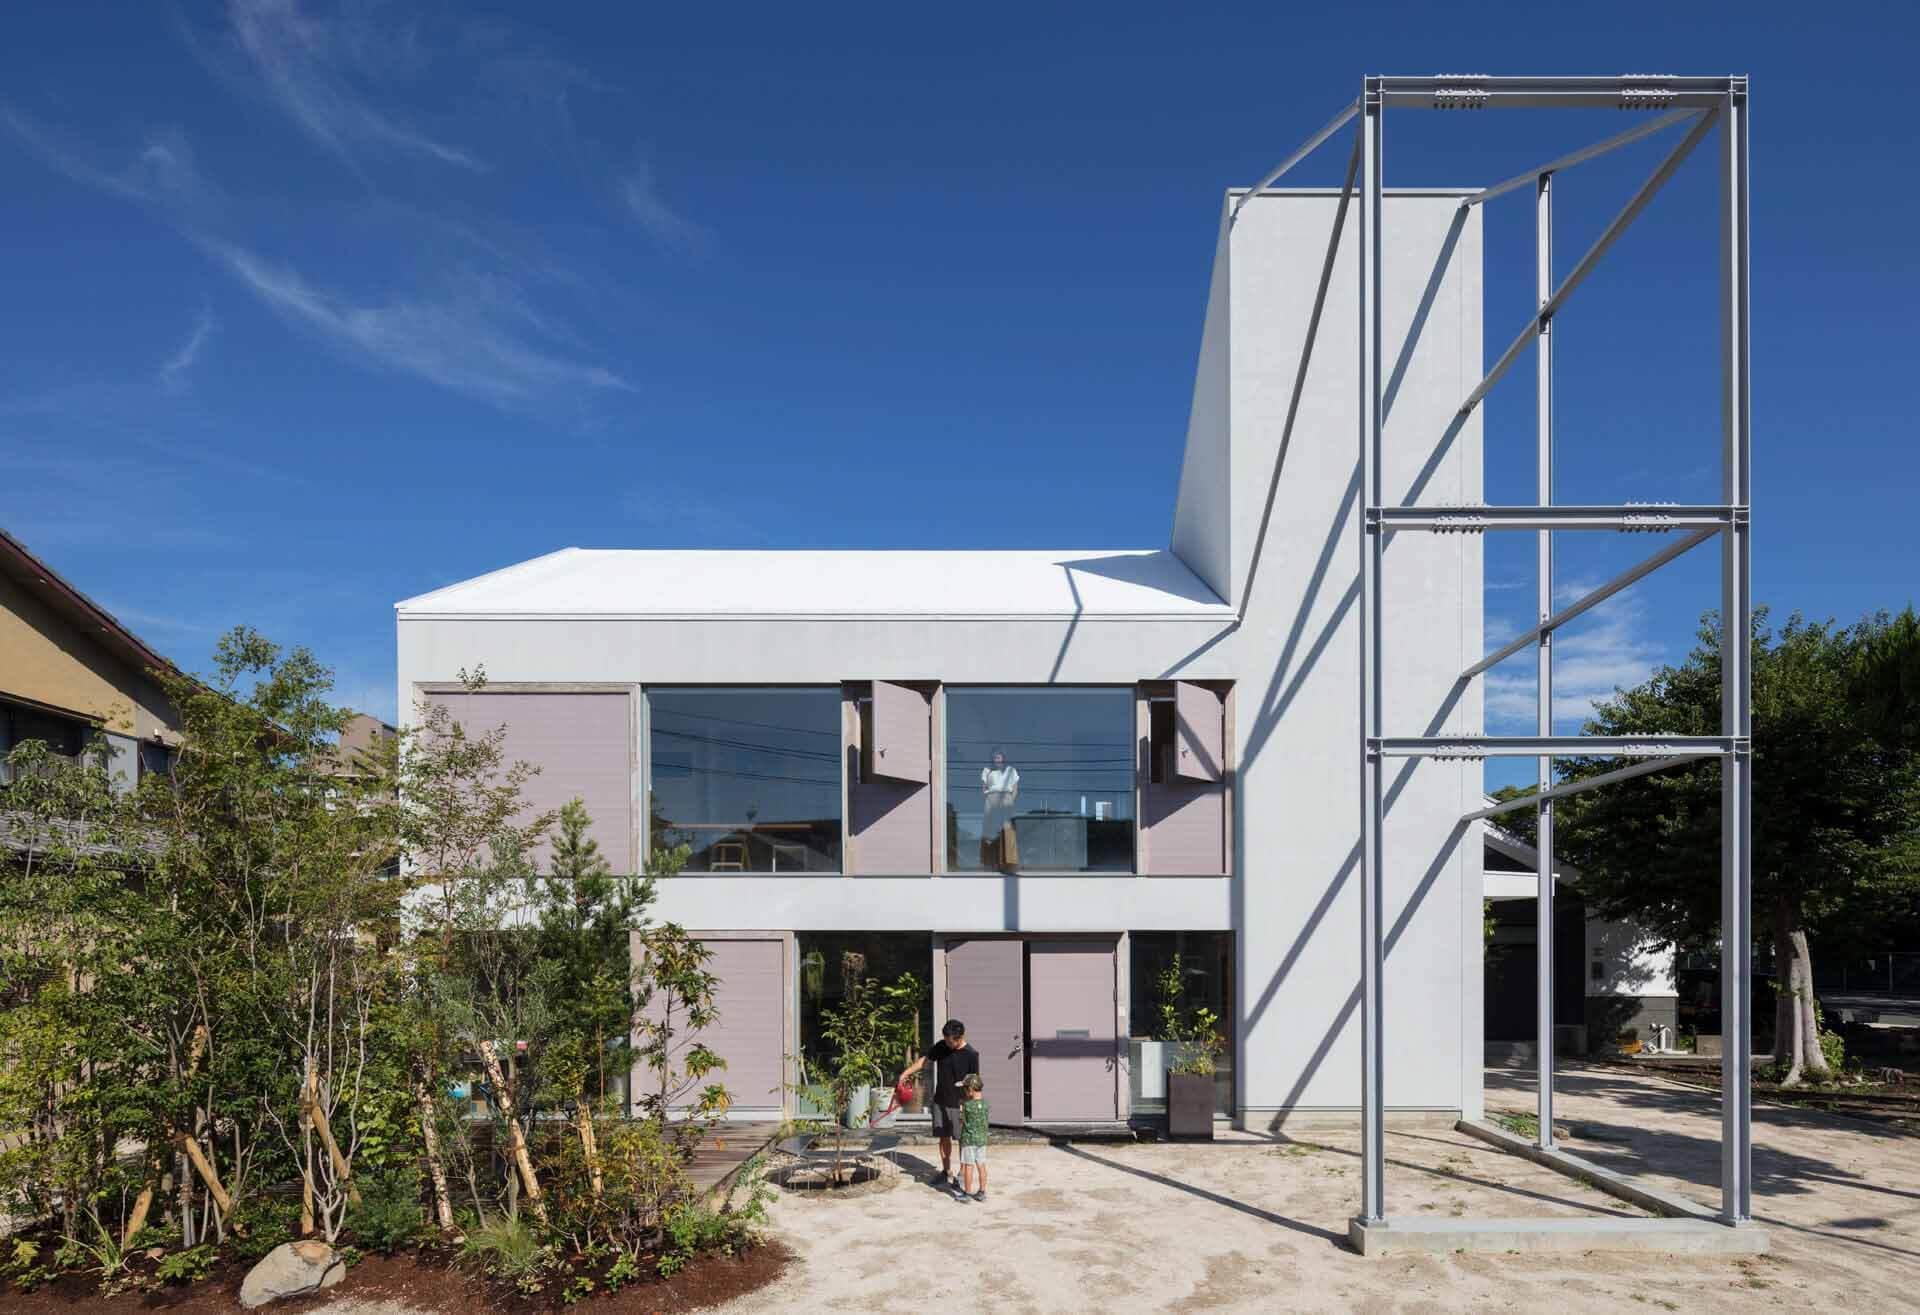 Офис повторного использования Tetusin Design / yHa architects